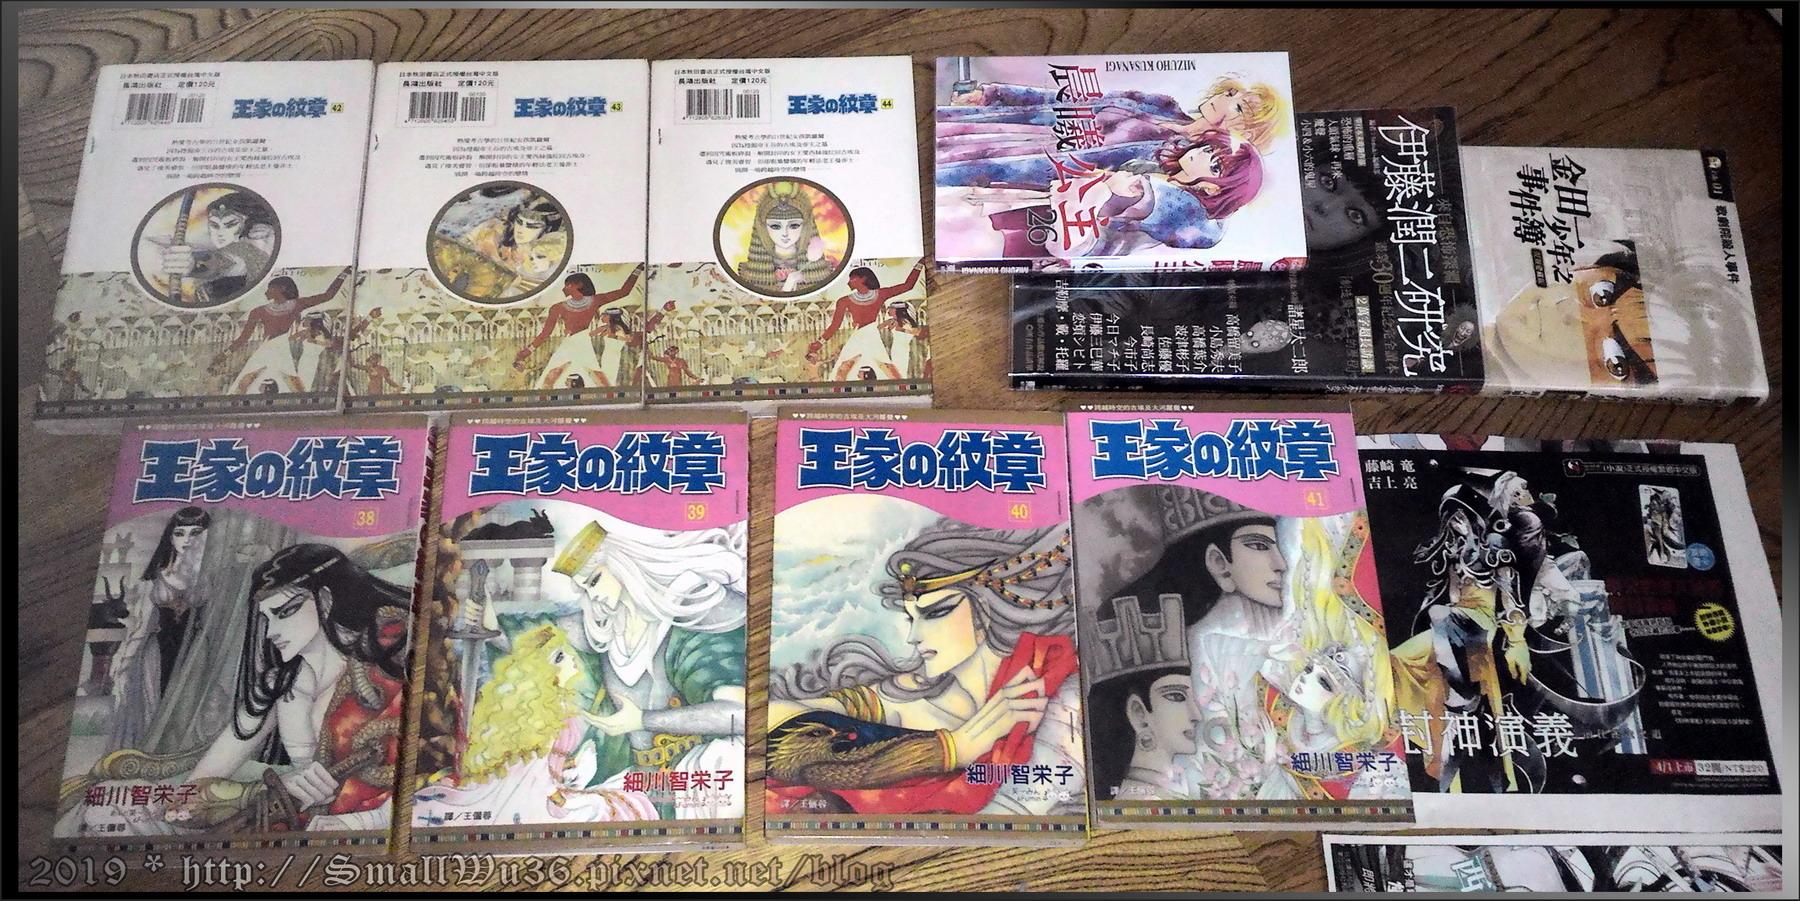 細川智榮子-王家的紋章(尼羅河女兒) Vol_ 38-44  (長鴻) 封面.jpg